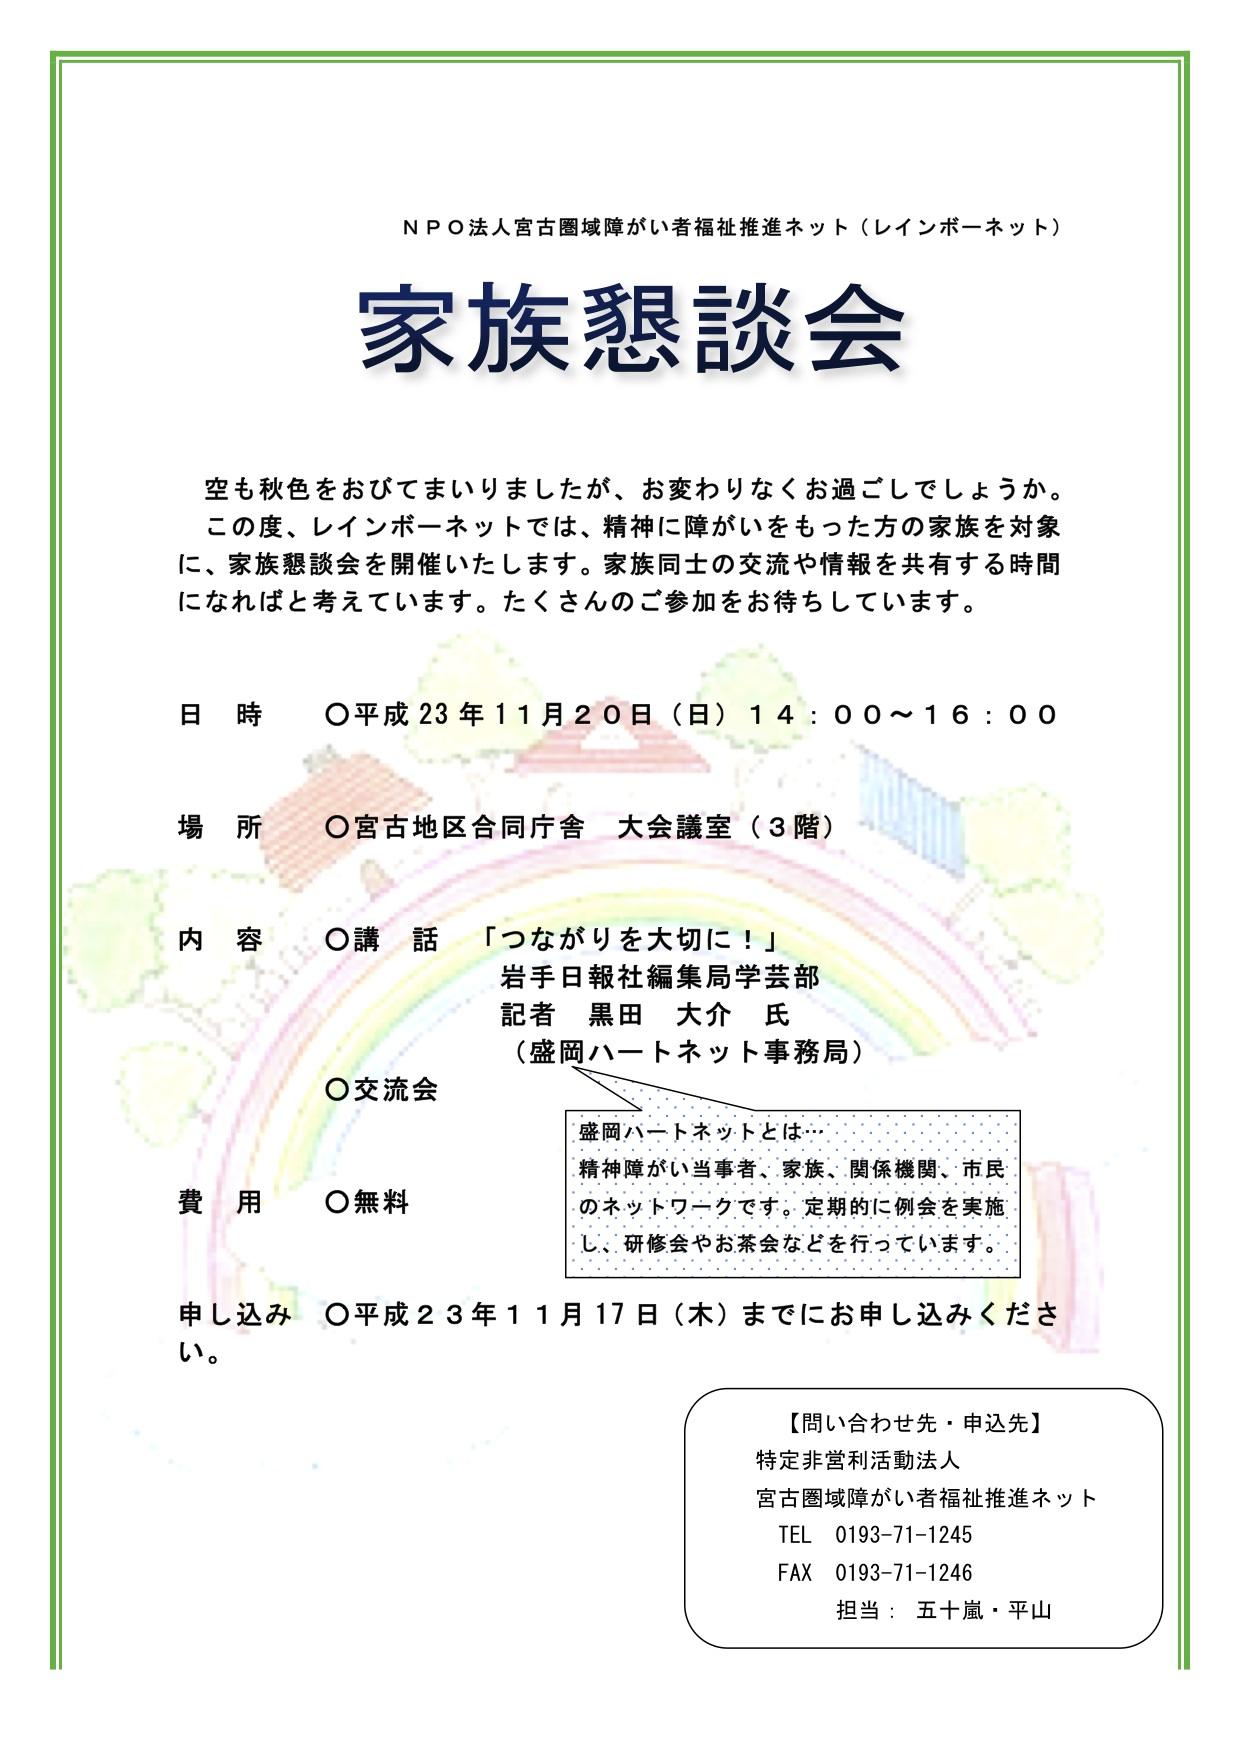 レインボーネット「家族懇談会」(2011年11月20日)_a0103650_22162037.jpg